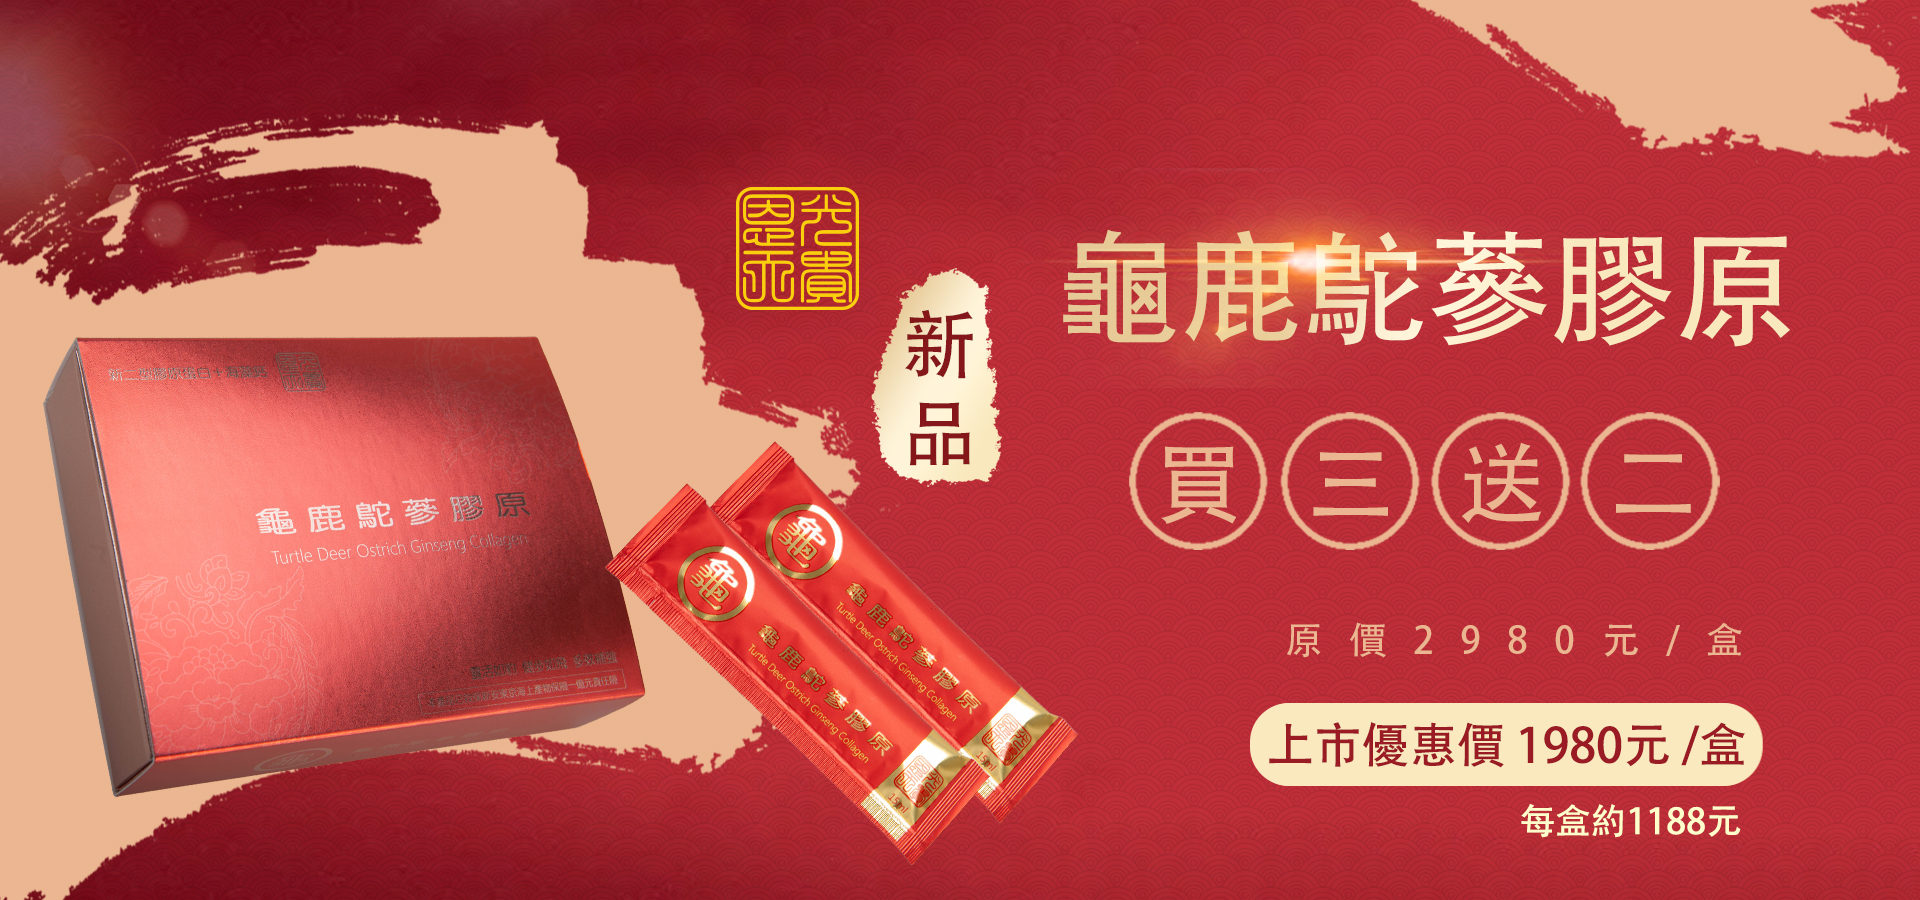 恩光天貴_龜鹿鴕蔘膠原_ 5盒共50條只要 5940元